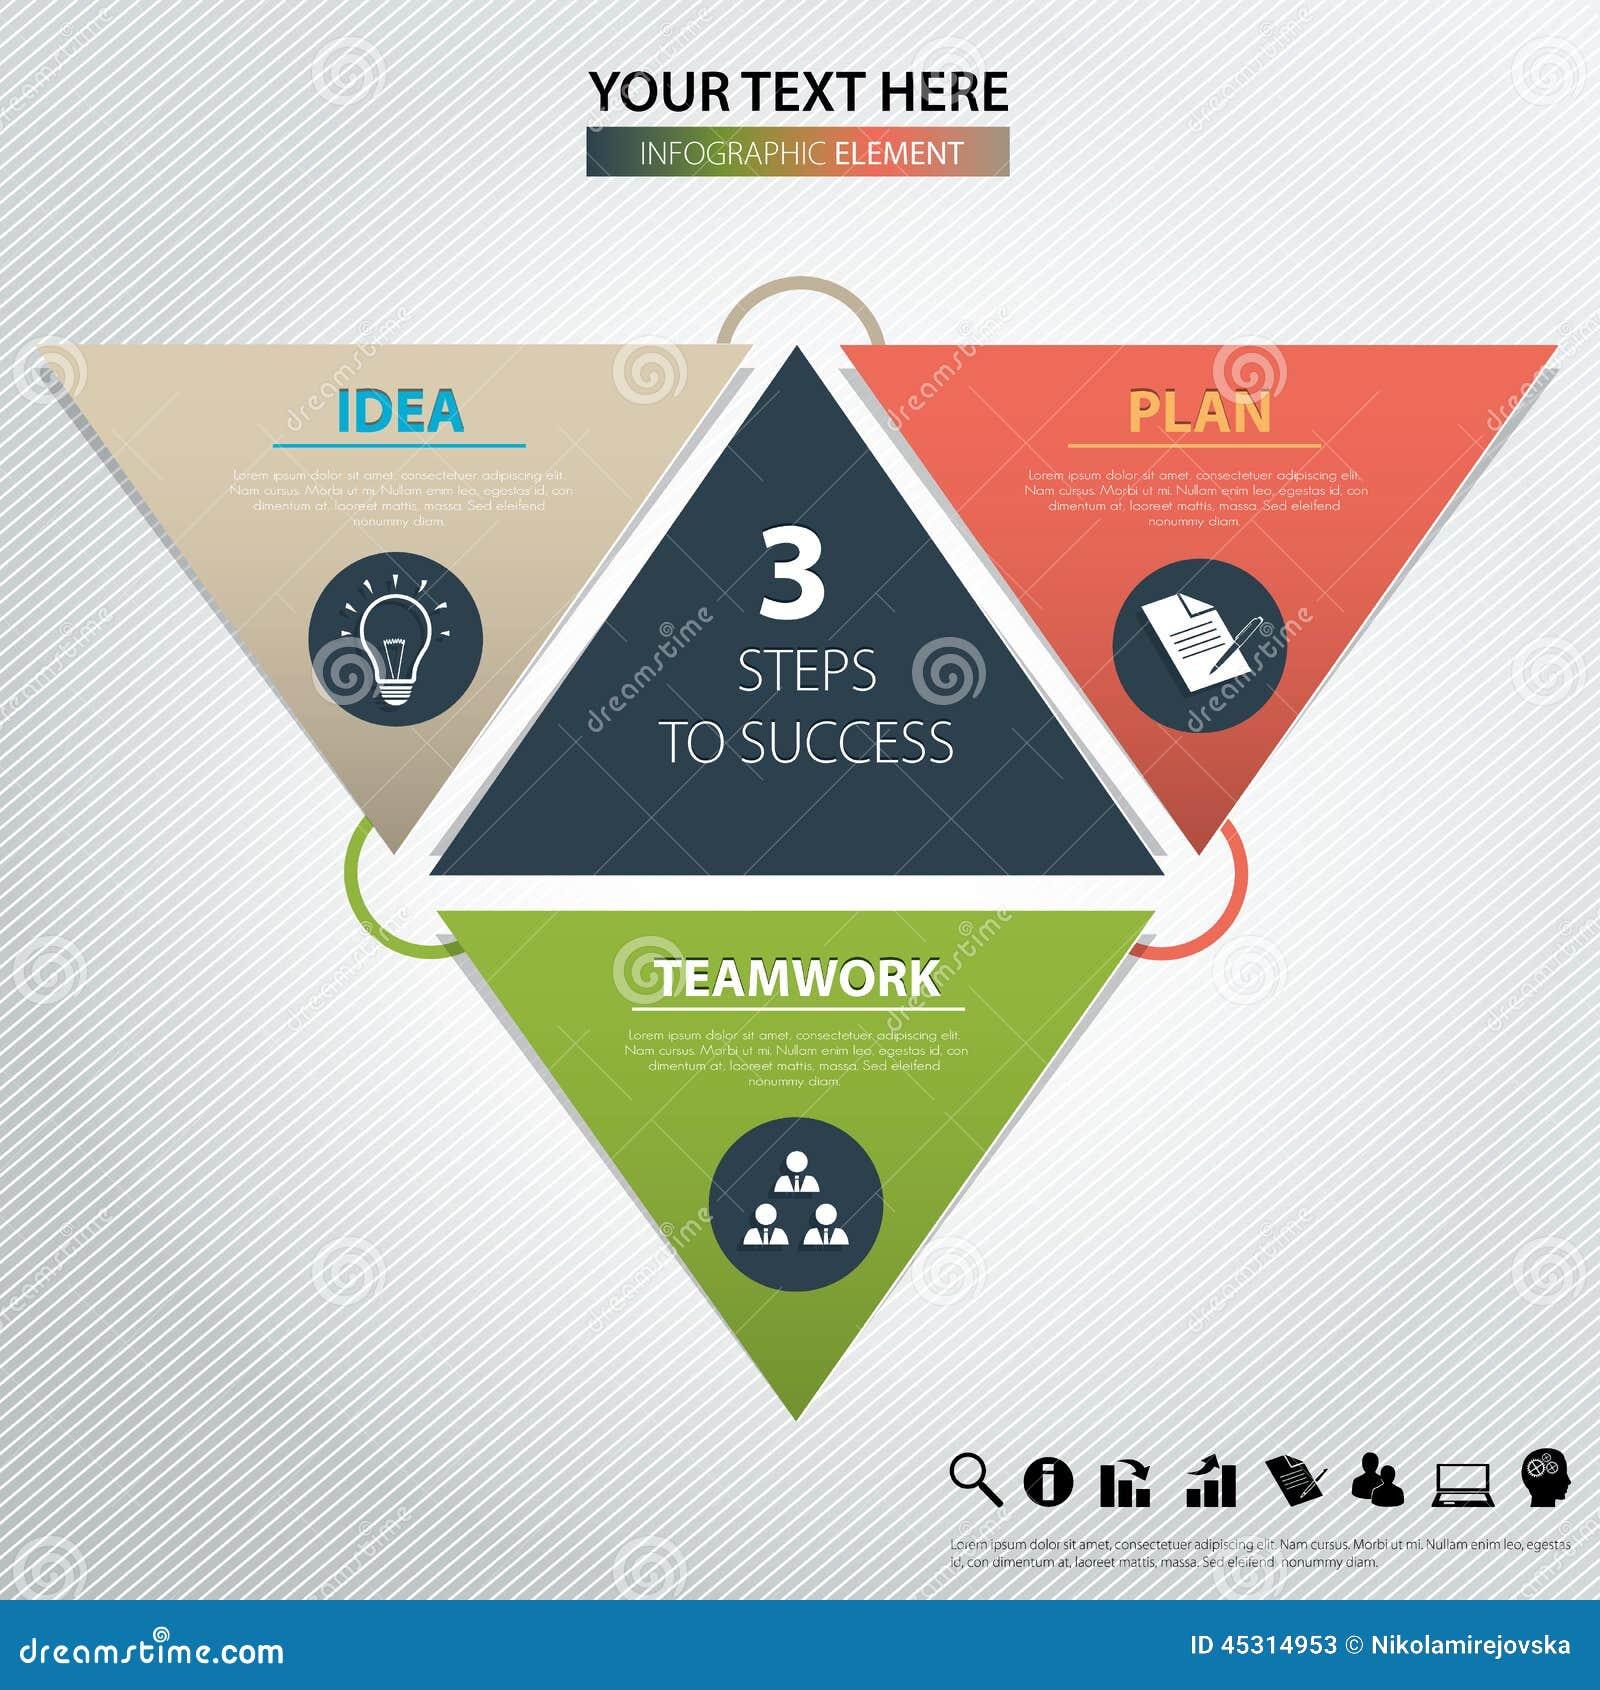 επιτυχία τρία βημάτων το σχέδιο εύκολο επιμελείται το στοιχείο στο διάνυσμα